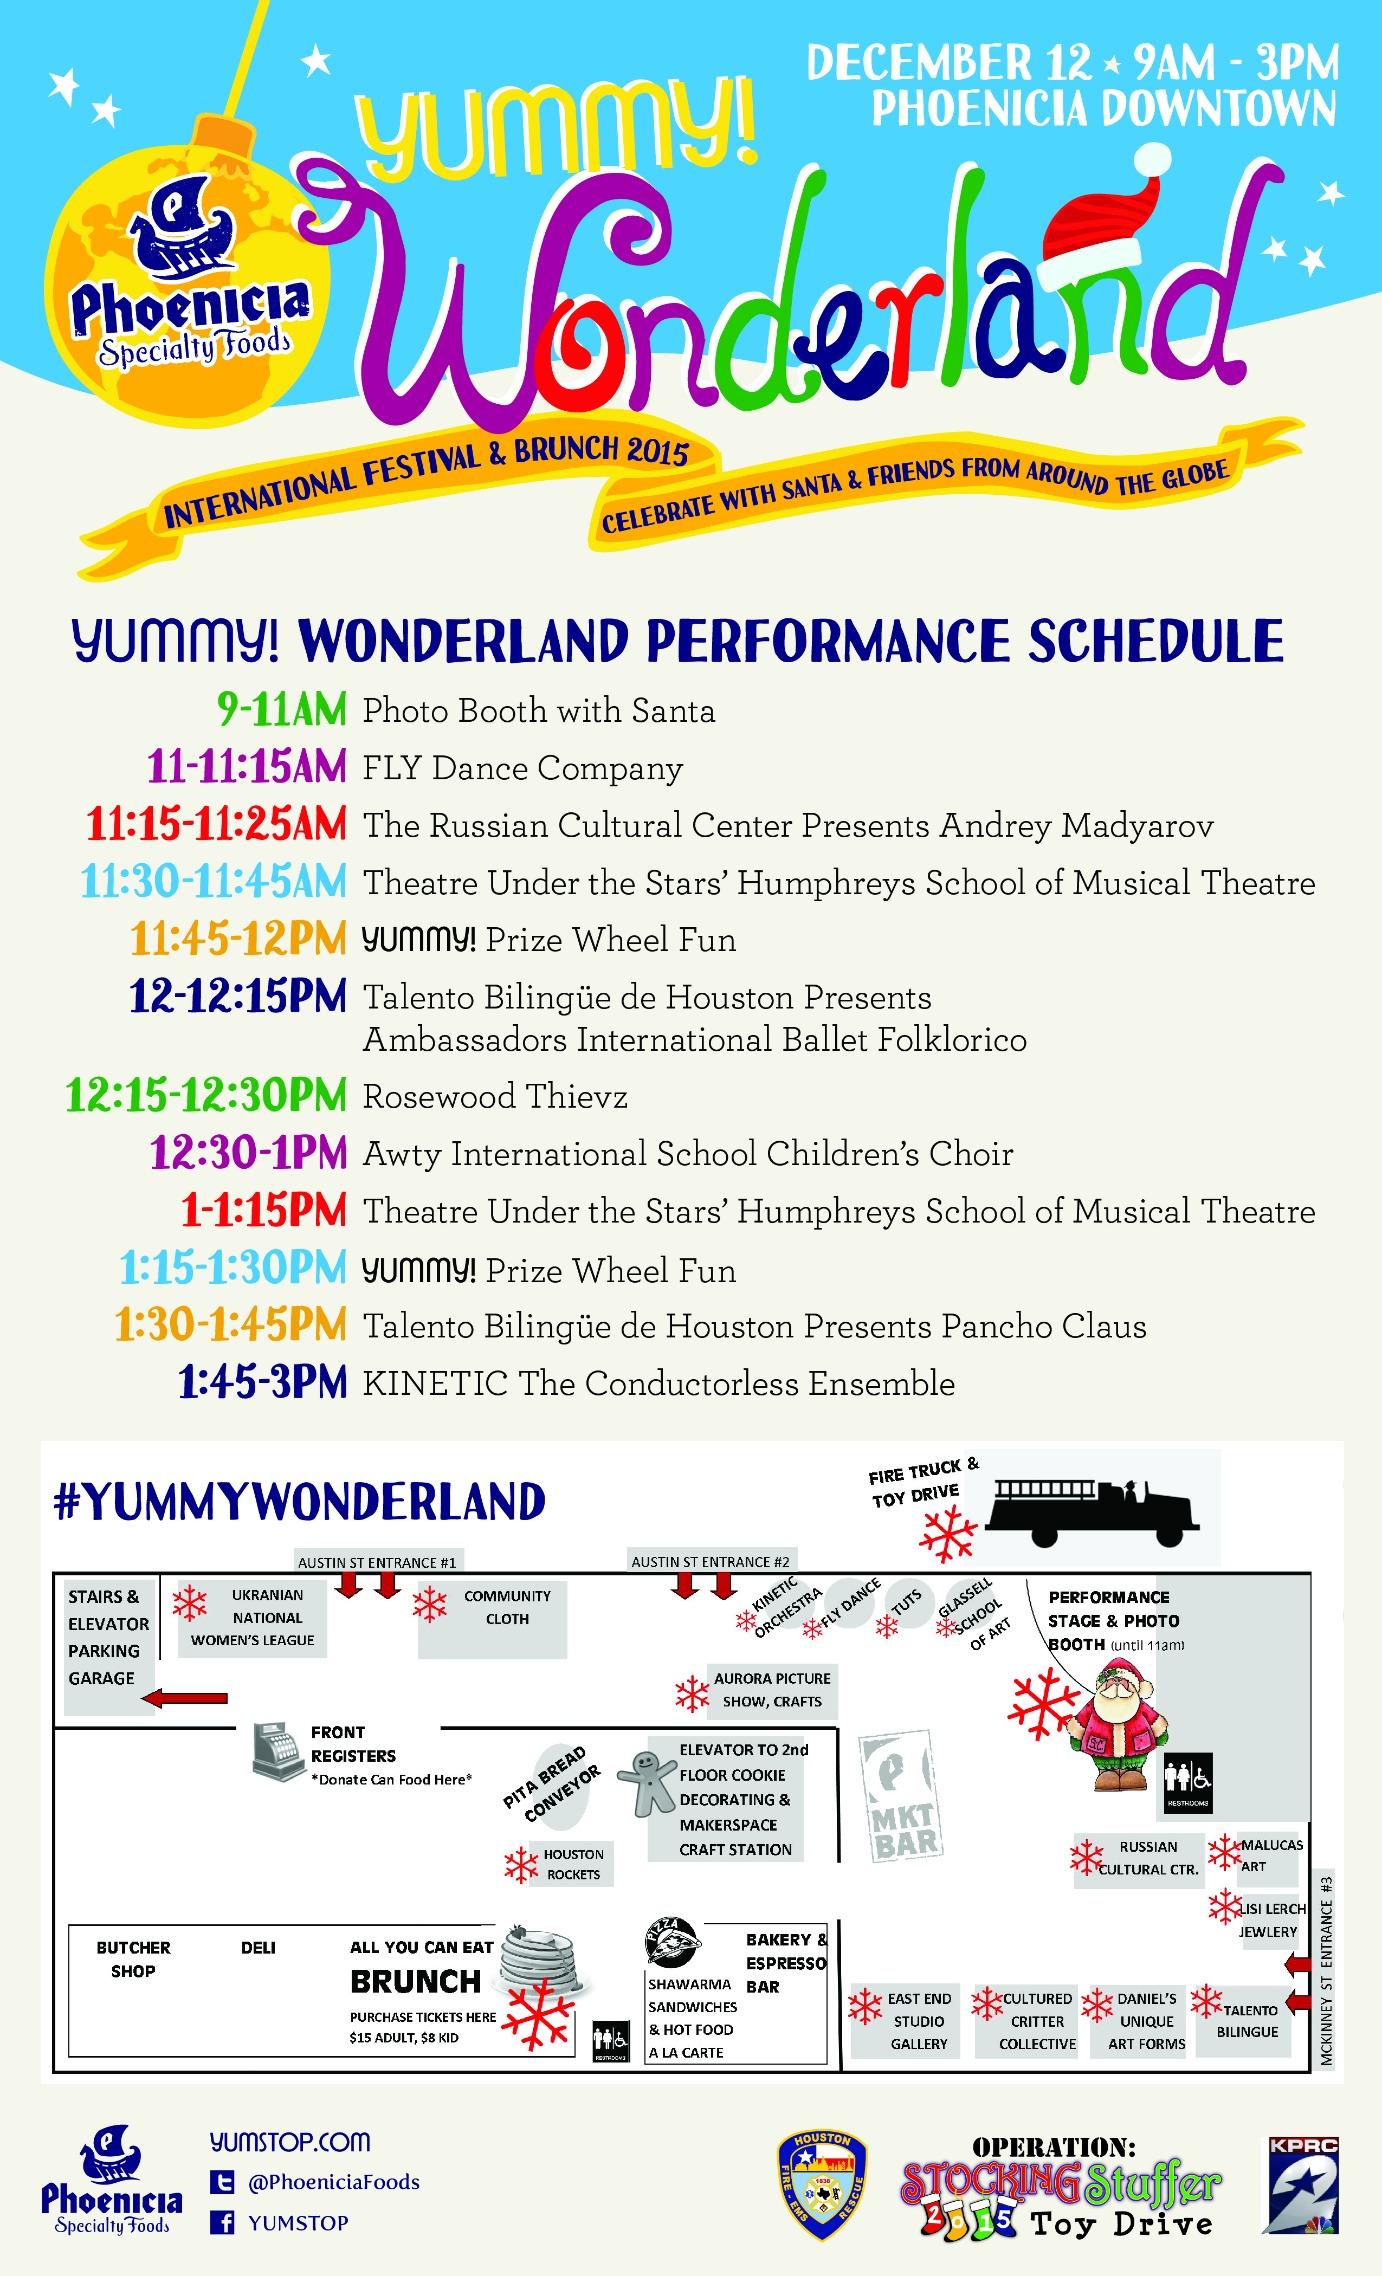 YUMMY! Wonderland Performance Schedule & Map